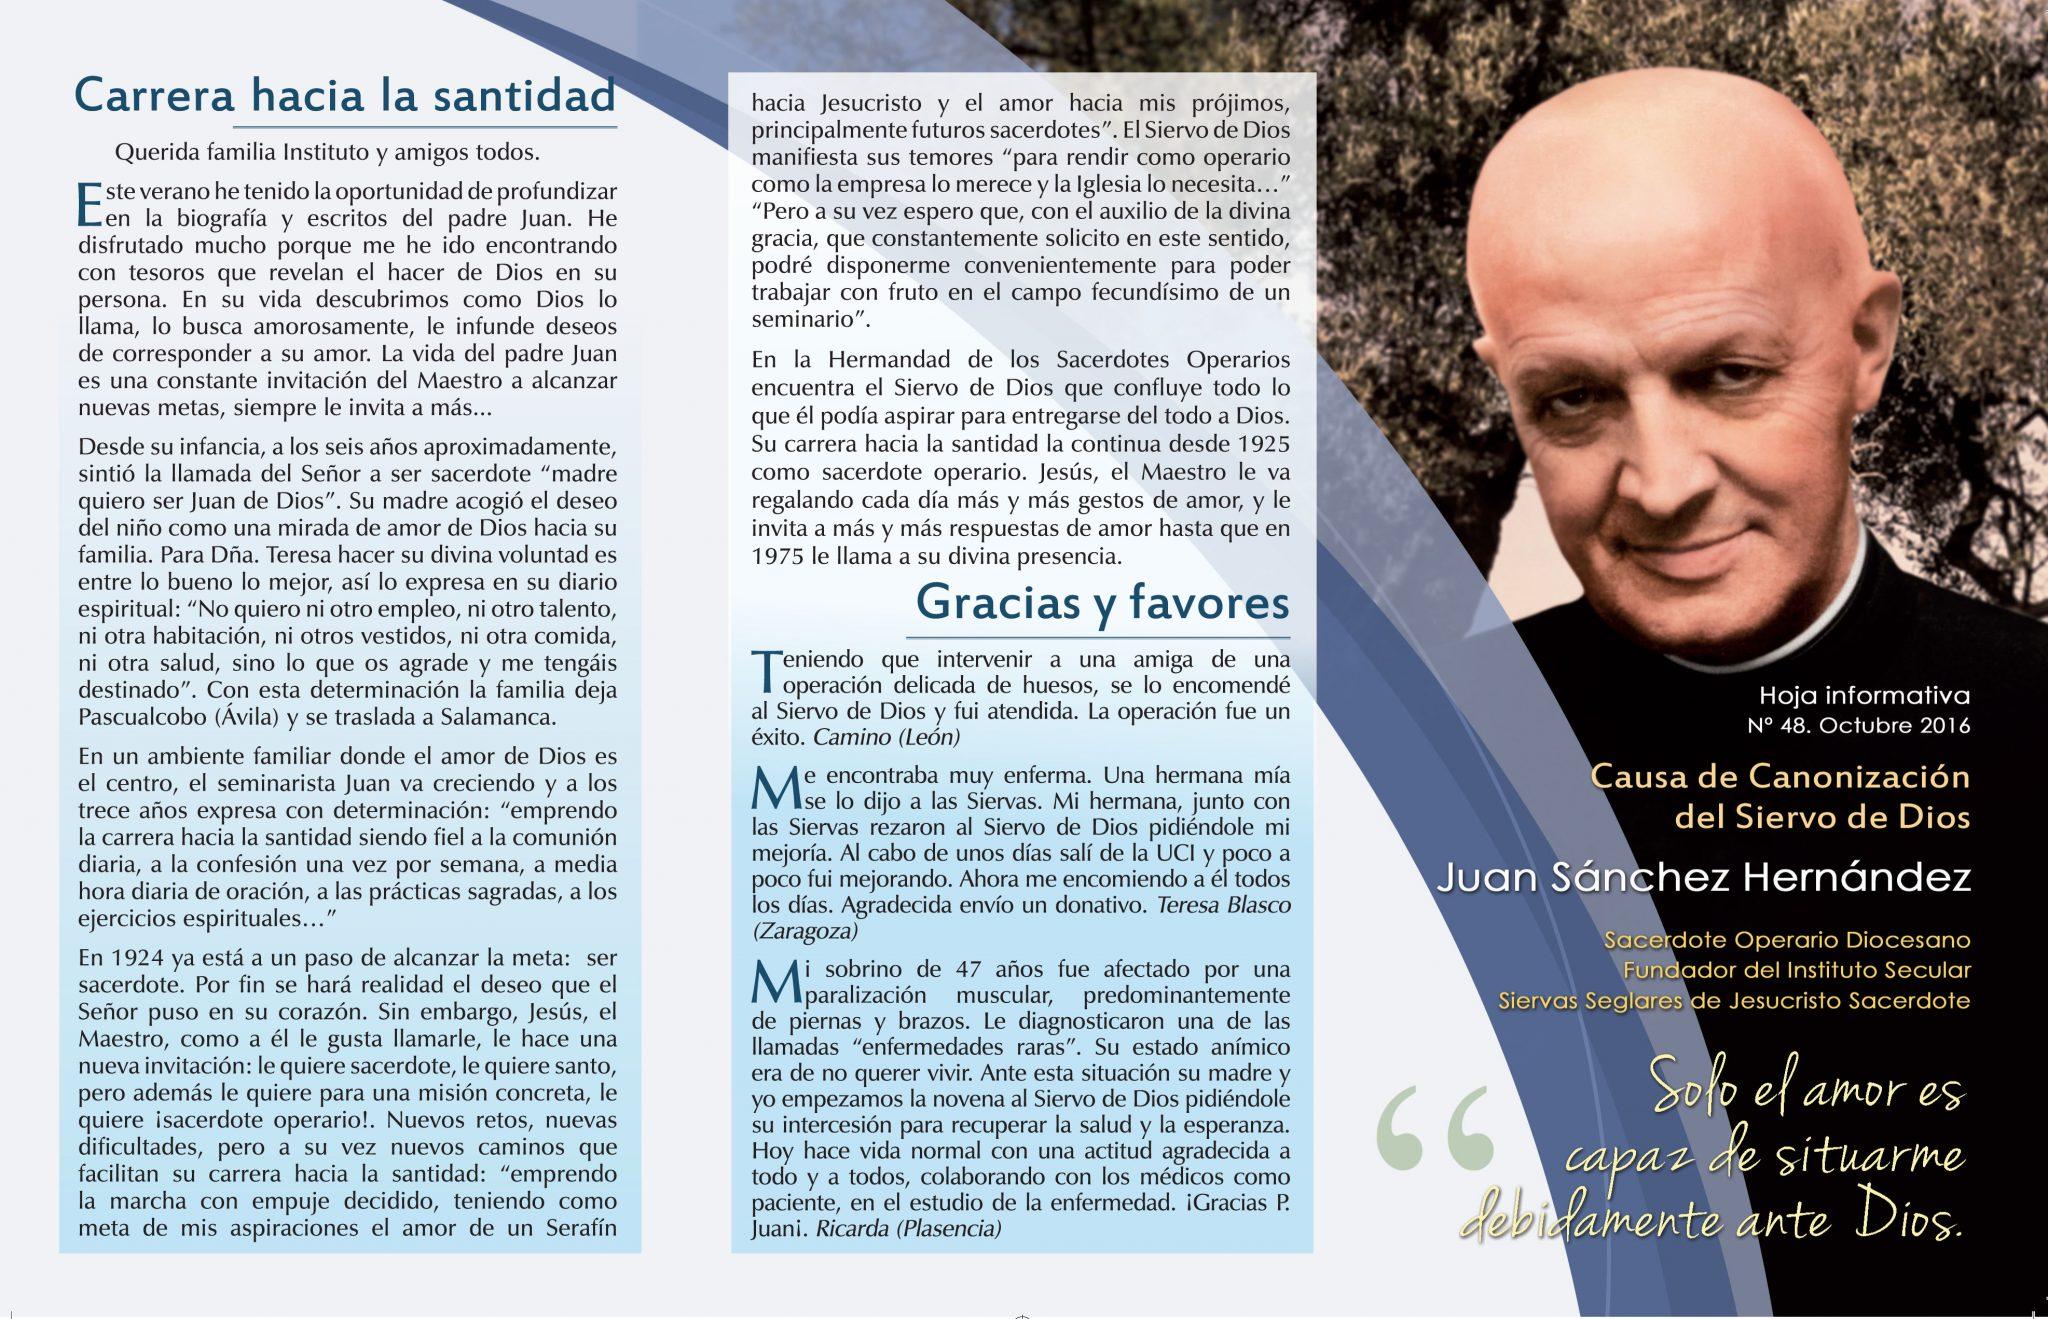 Hoja informativa nº 48.Causa de canonización